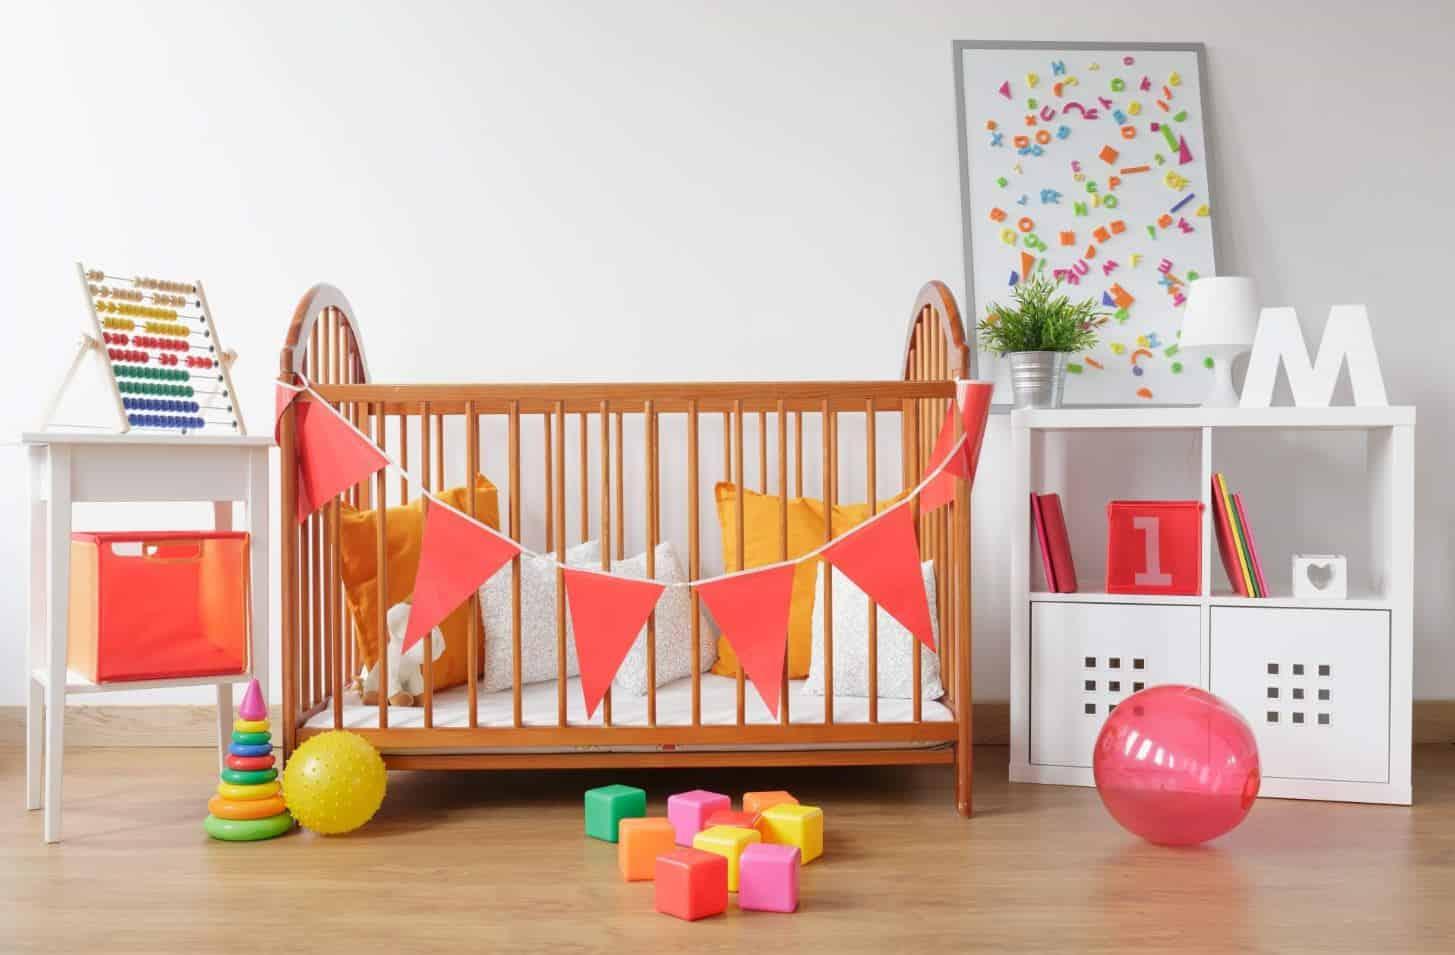 vida_y_espacio-bebes-la_semana_del_bebe-cunas-cunas_para_bebes-cunas_de_madera-mueles-muebles_dico-dico-1